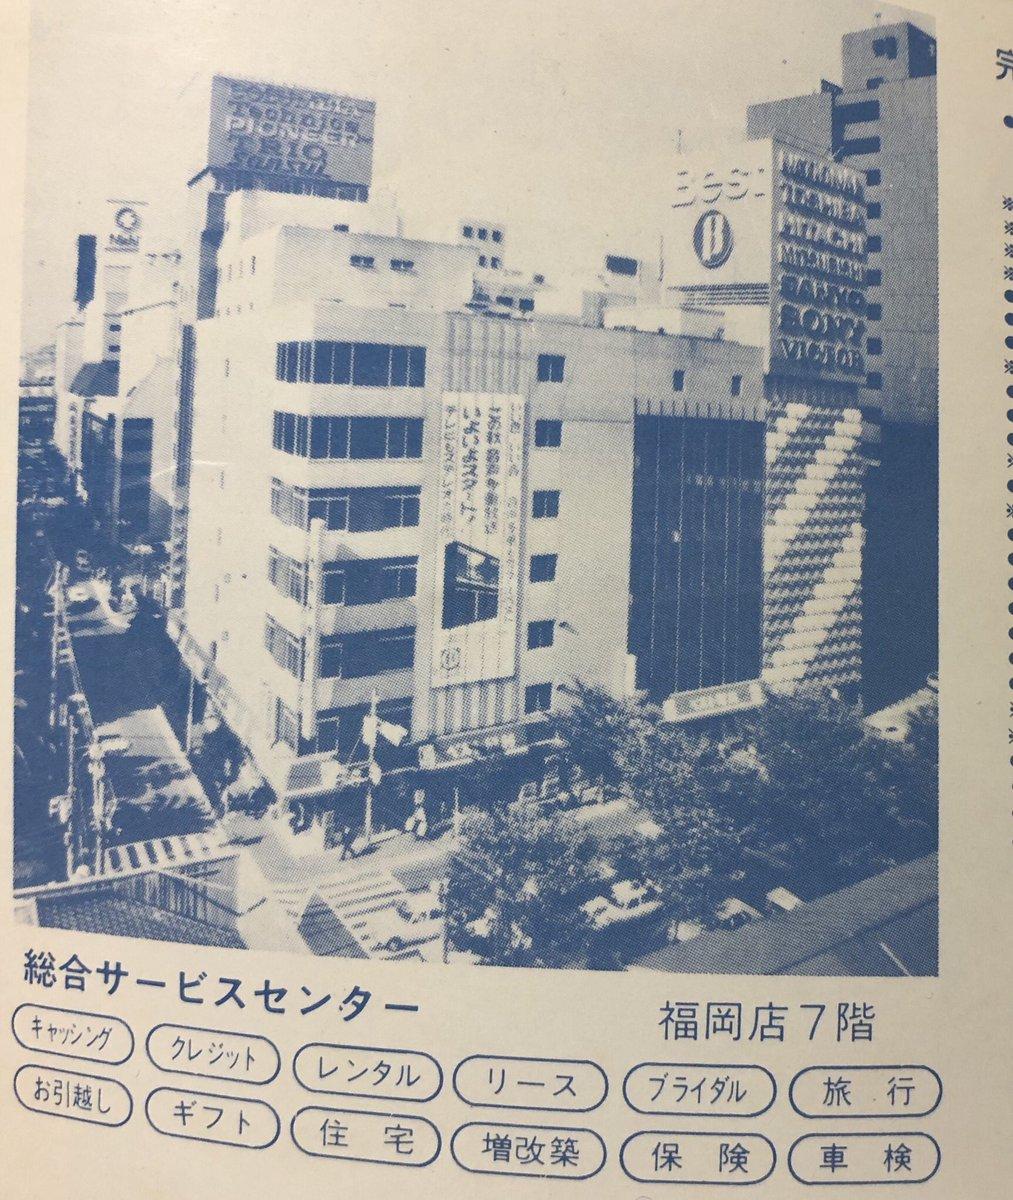 電器 本店 ベスト 福岡